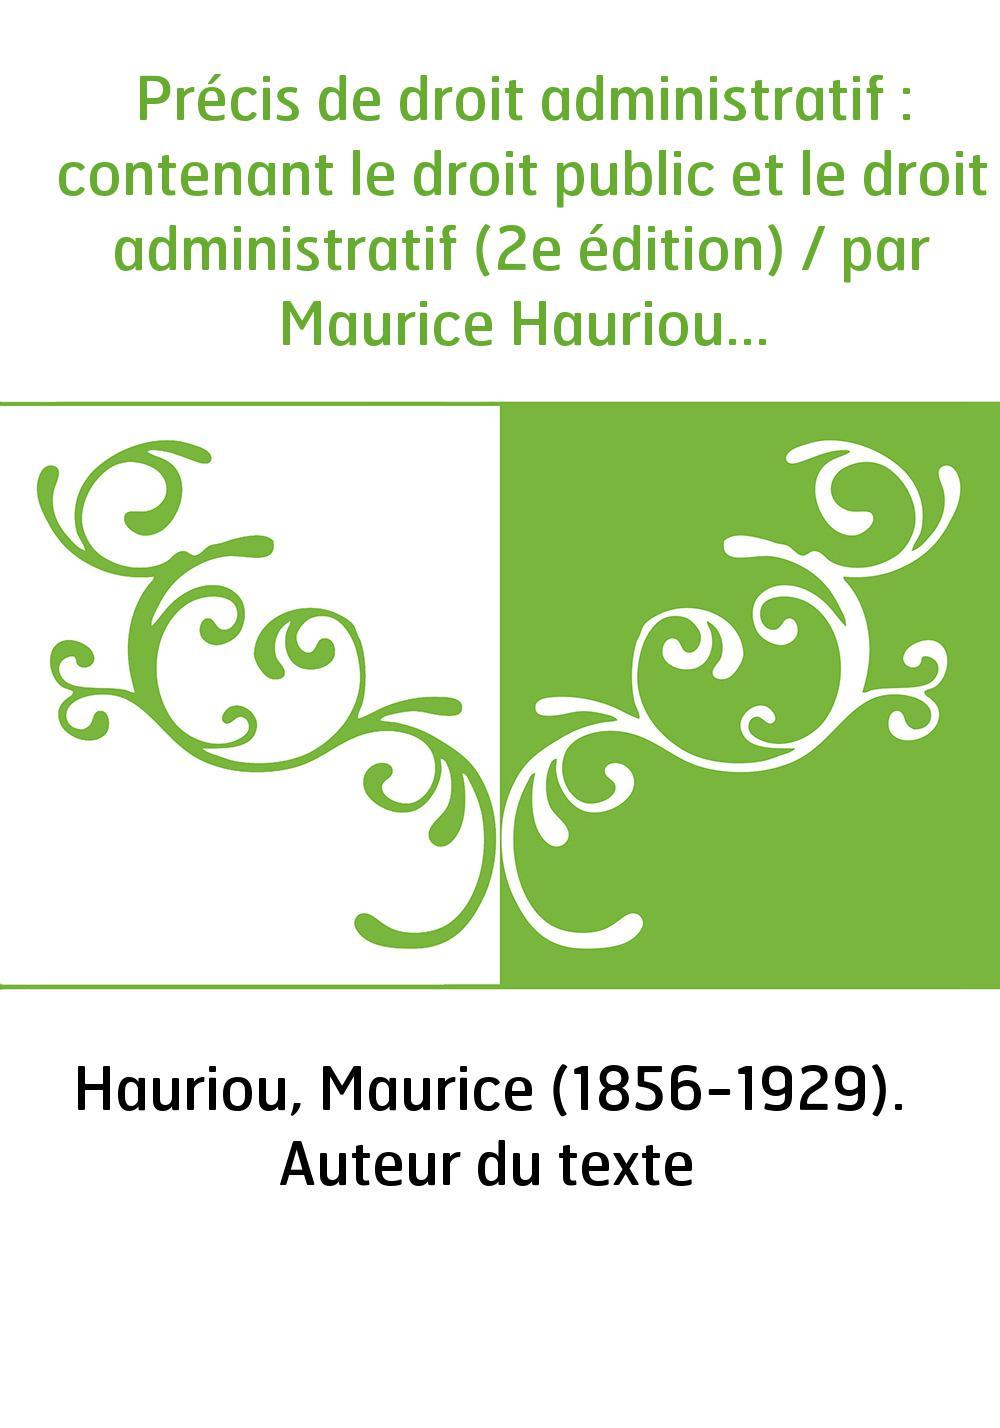 Précis de droit administratif : contenant le droit public et le droit administratif (2e édition) / par Maurice Hauriou,...